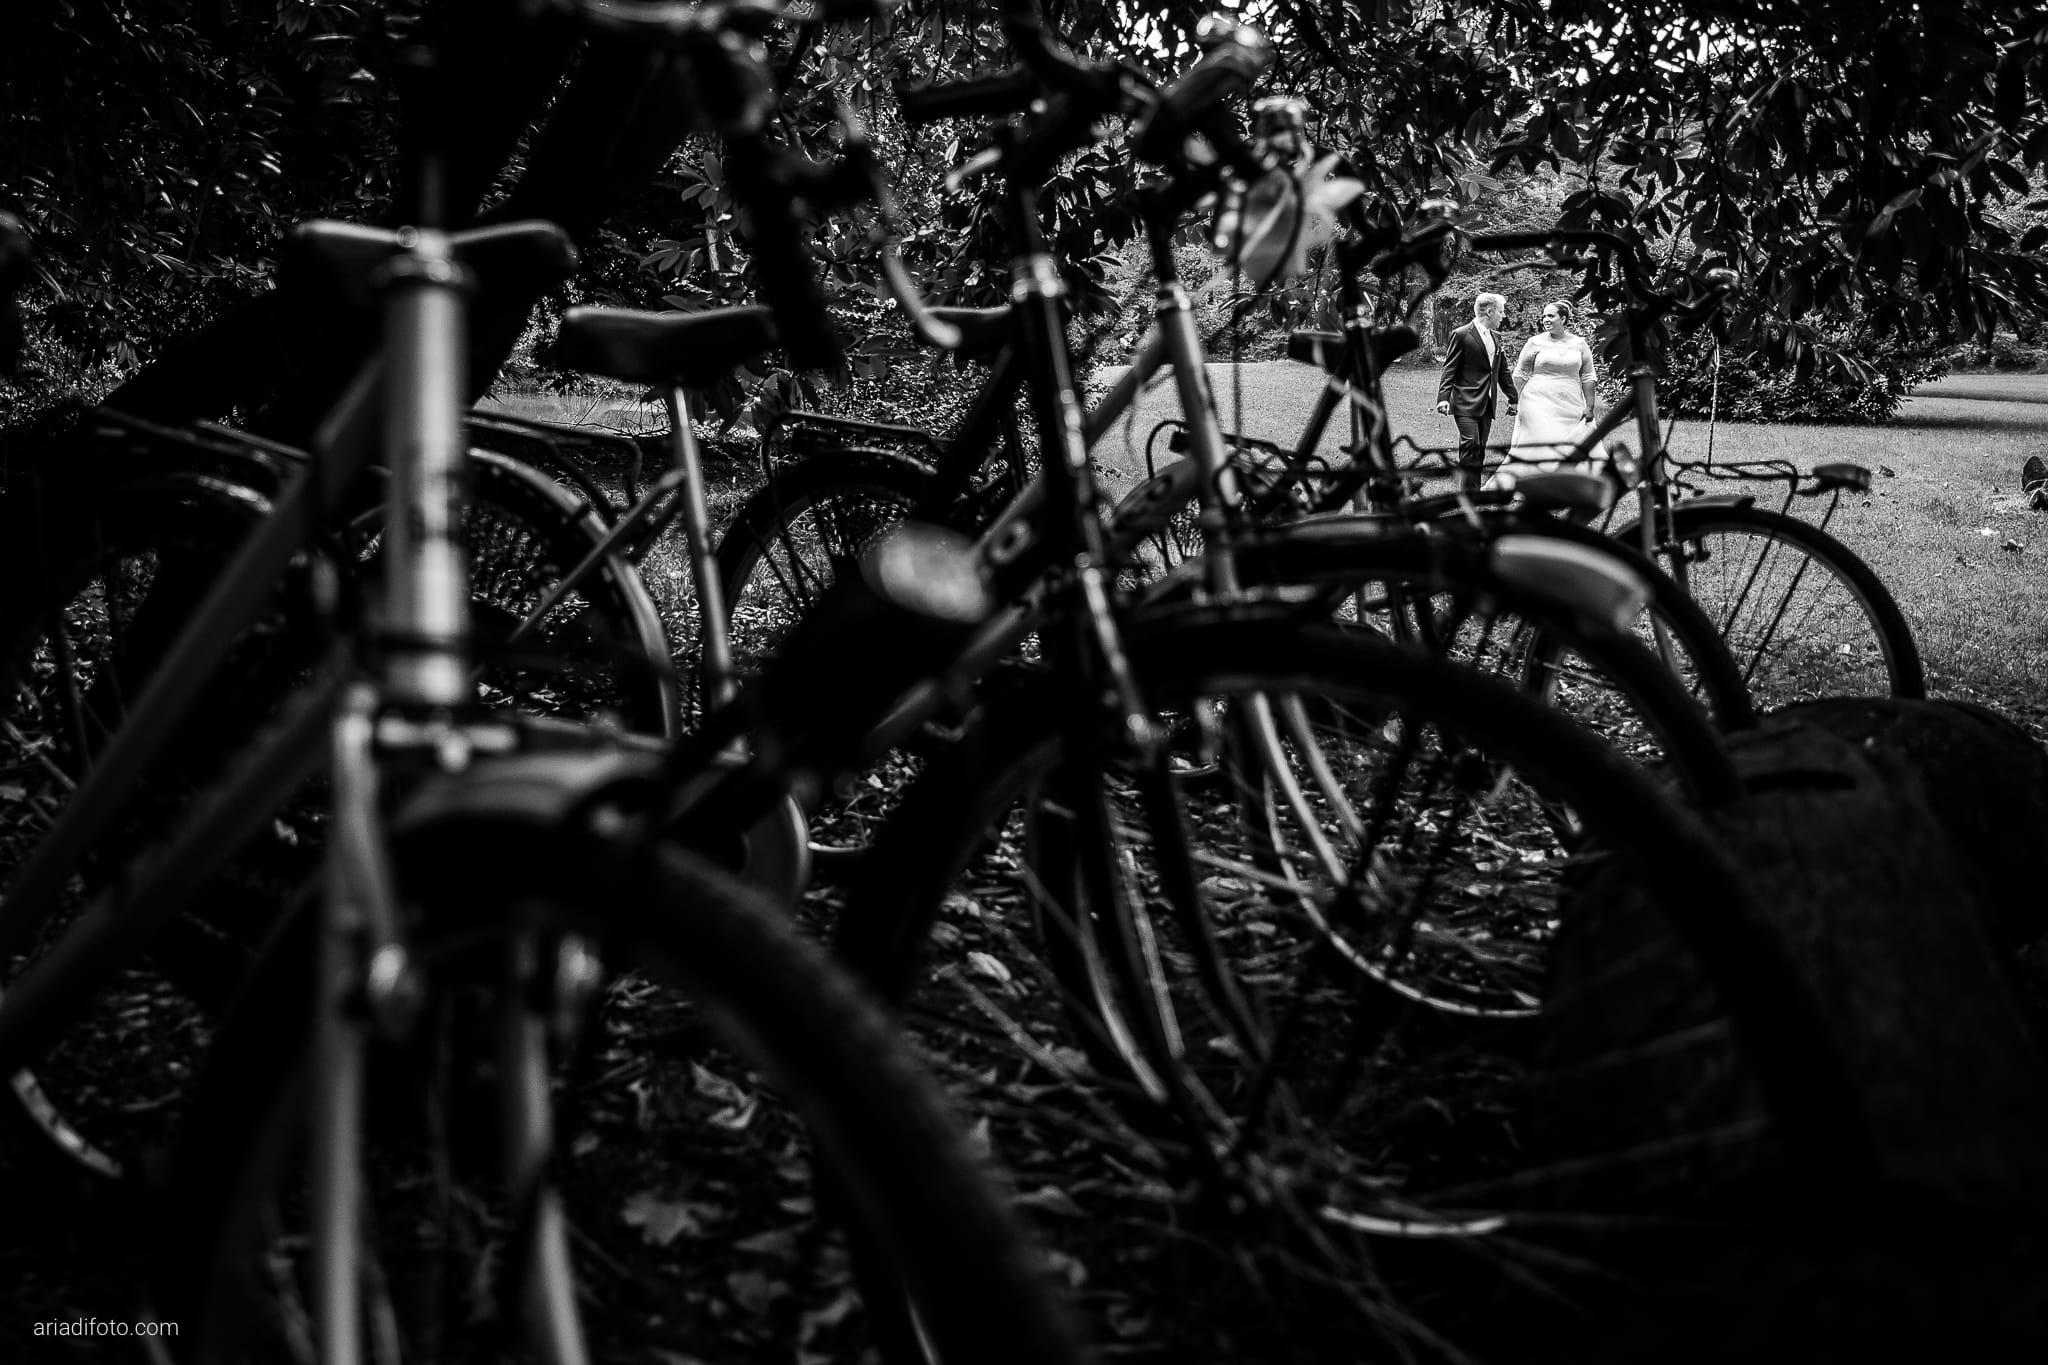 Eleonora Andrea Matrimonio Castello Papadopoli Giol San Polo Piave Treviso ritratti sposi biciclette